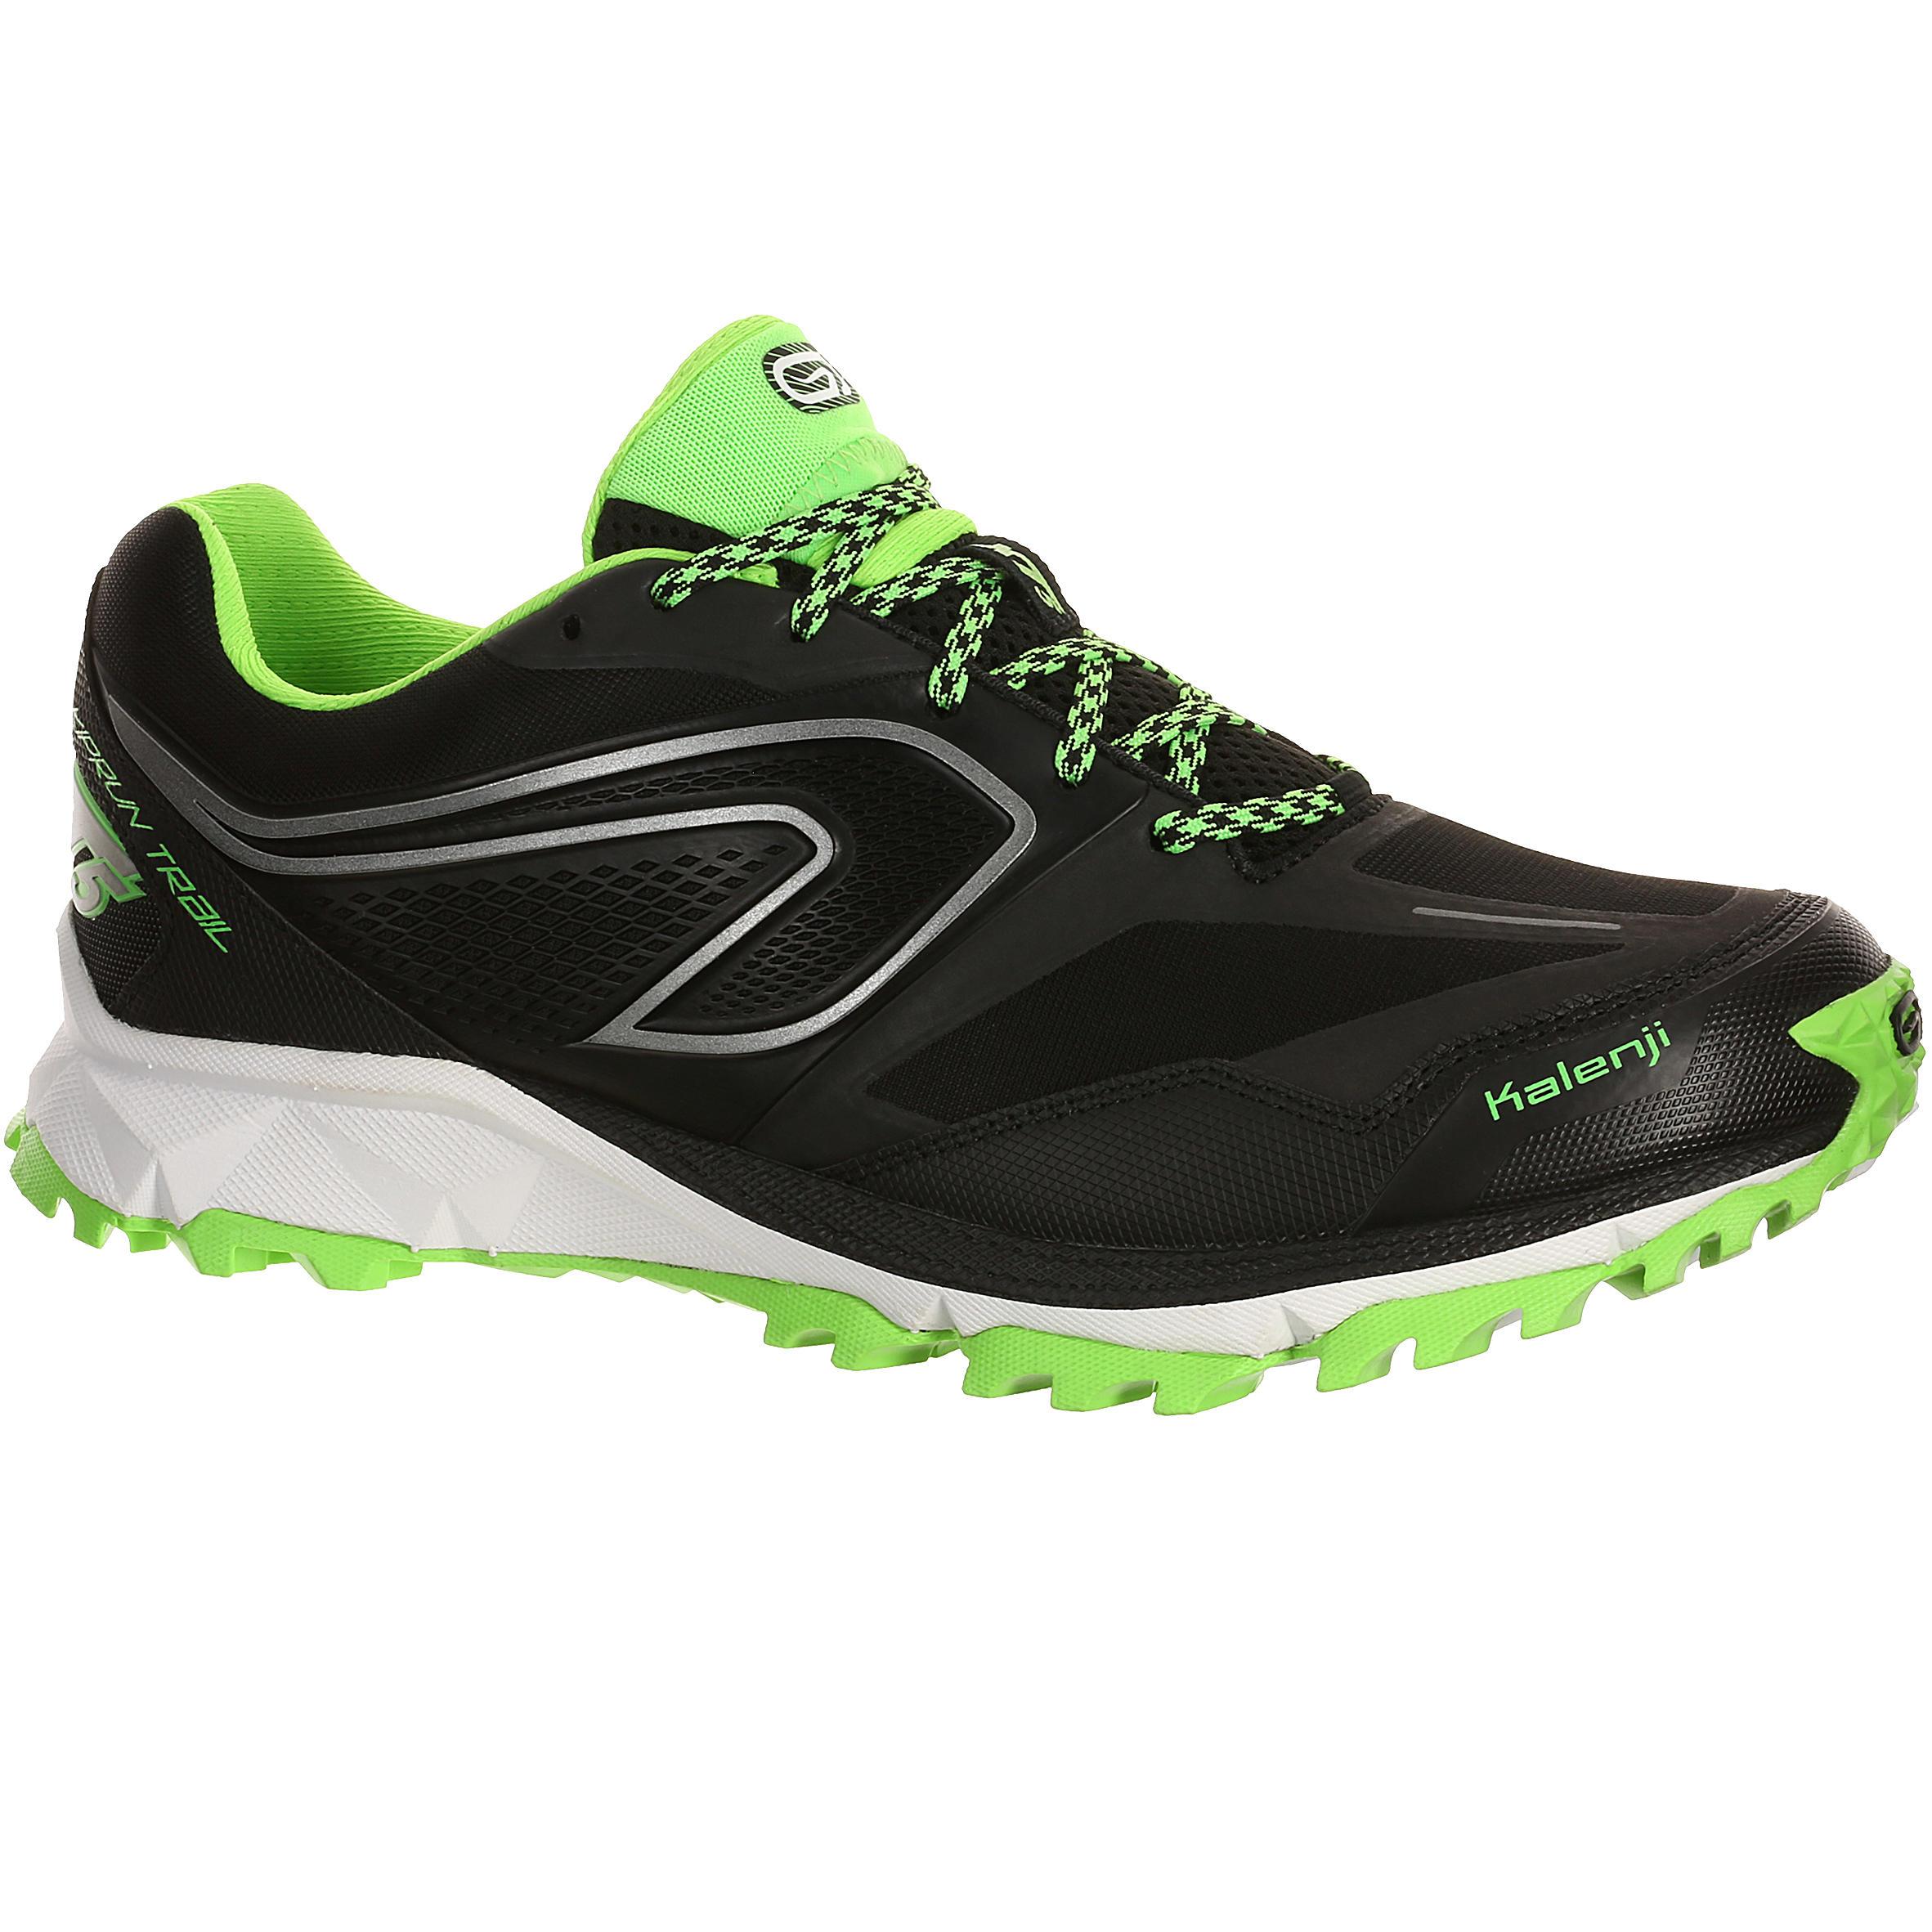 Chaussure Homme Trail Running Waterproof Xt5 Noir Kiprun Lq534ARj